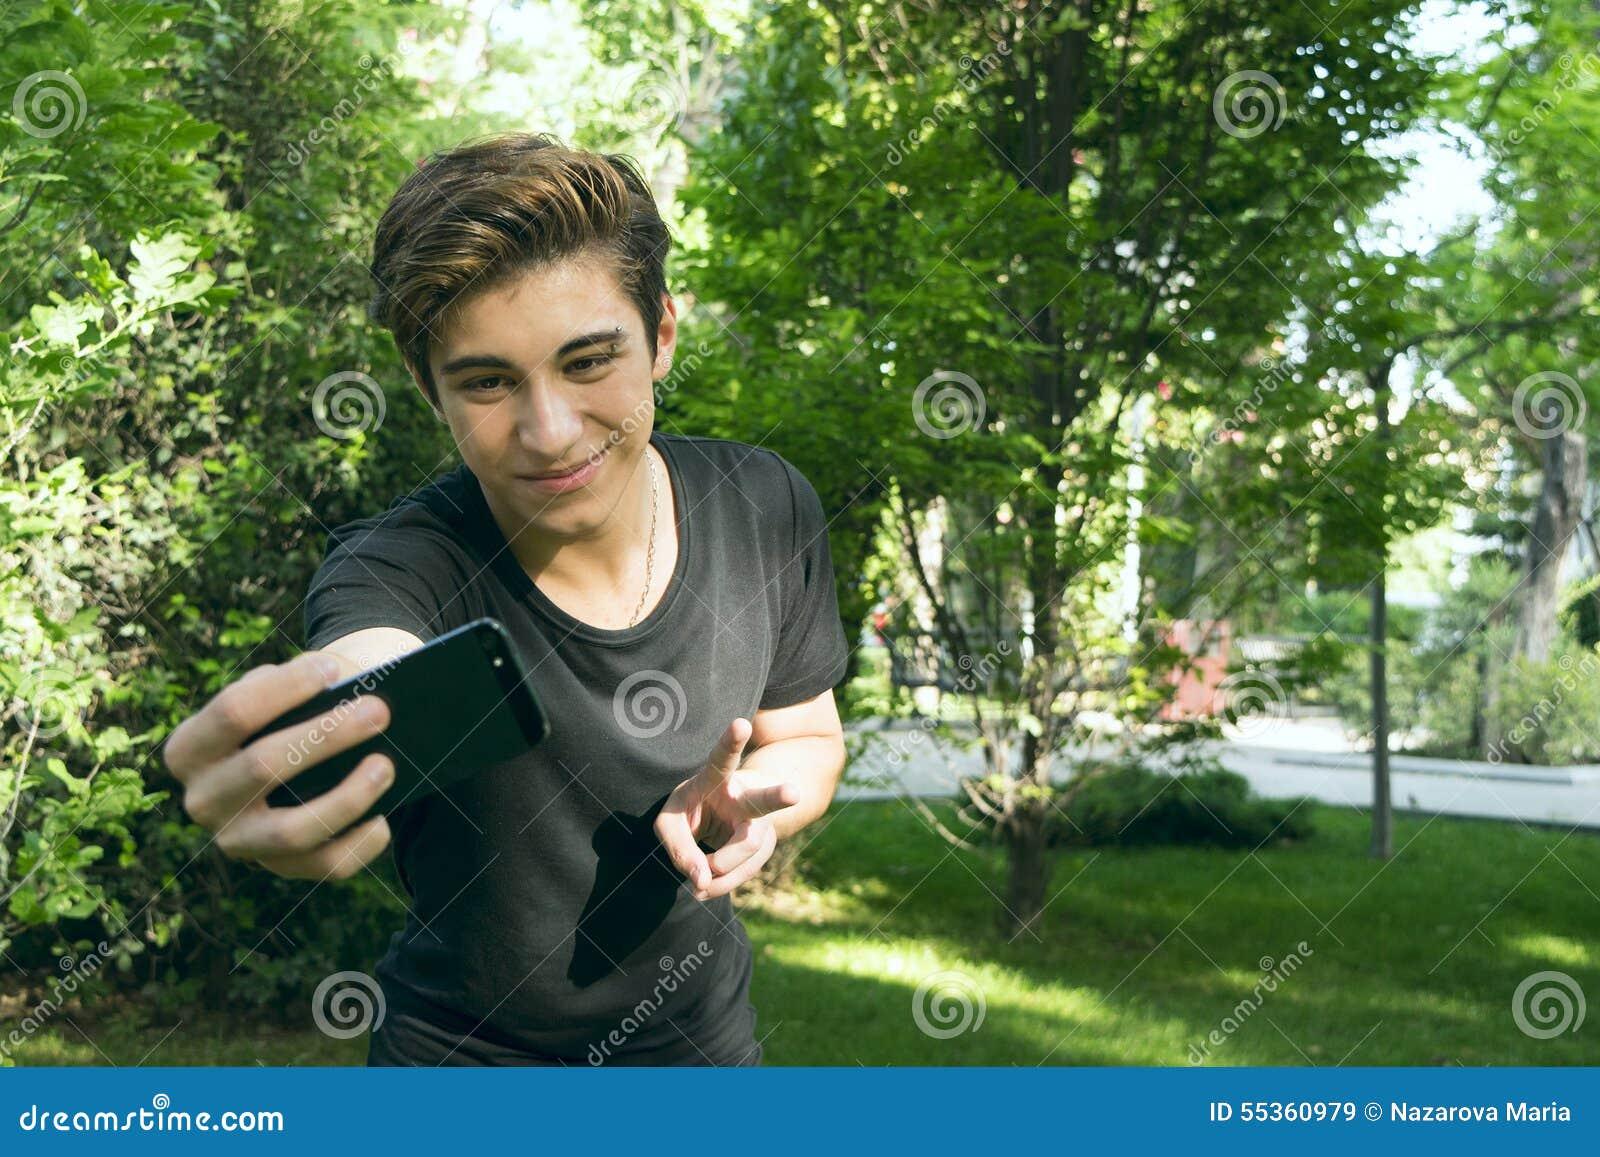 Teen Guy Stock Photo - Image: 55360979